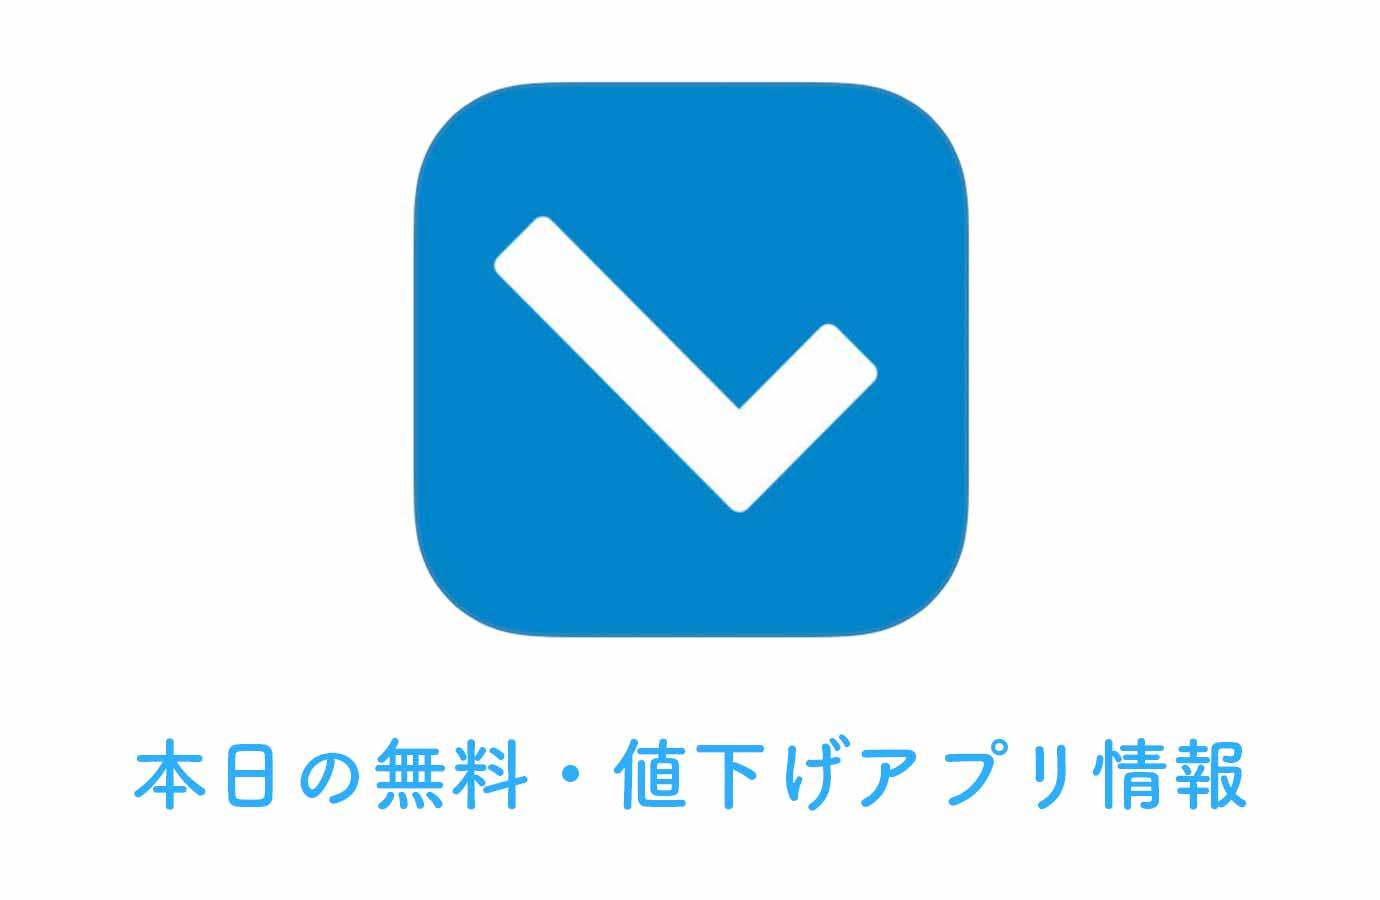 ¥240→無料!写真やアイコンで管理できるわかりやすいToDoアプリ「Cuecard」など【3/21】本日の無料・値下げアプリ情報